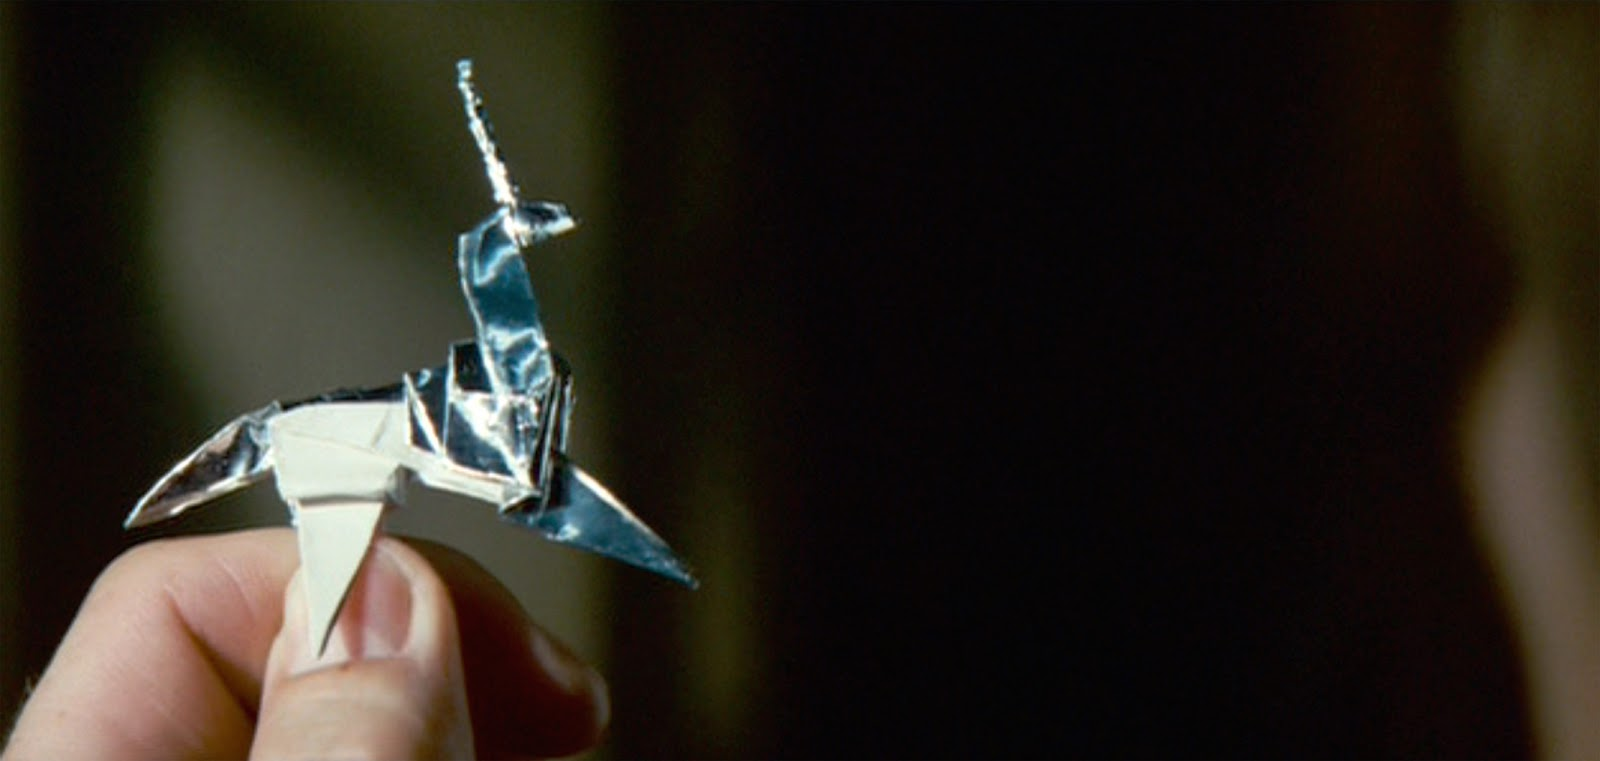 """Blade Runner'ın Director's Cut versiyonundaki meşhur sahne.Esrarengiz biçimde """"anlayan anladı"""" deyip gidiyorum."""